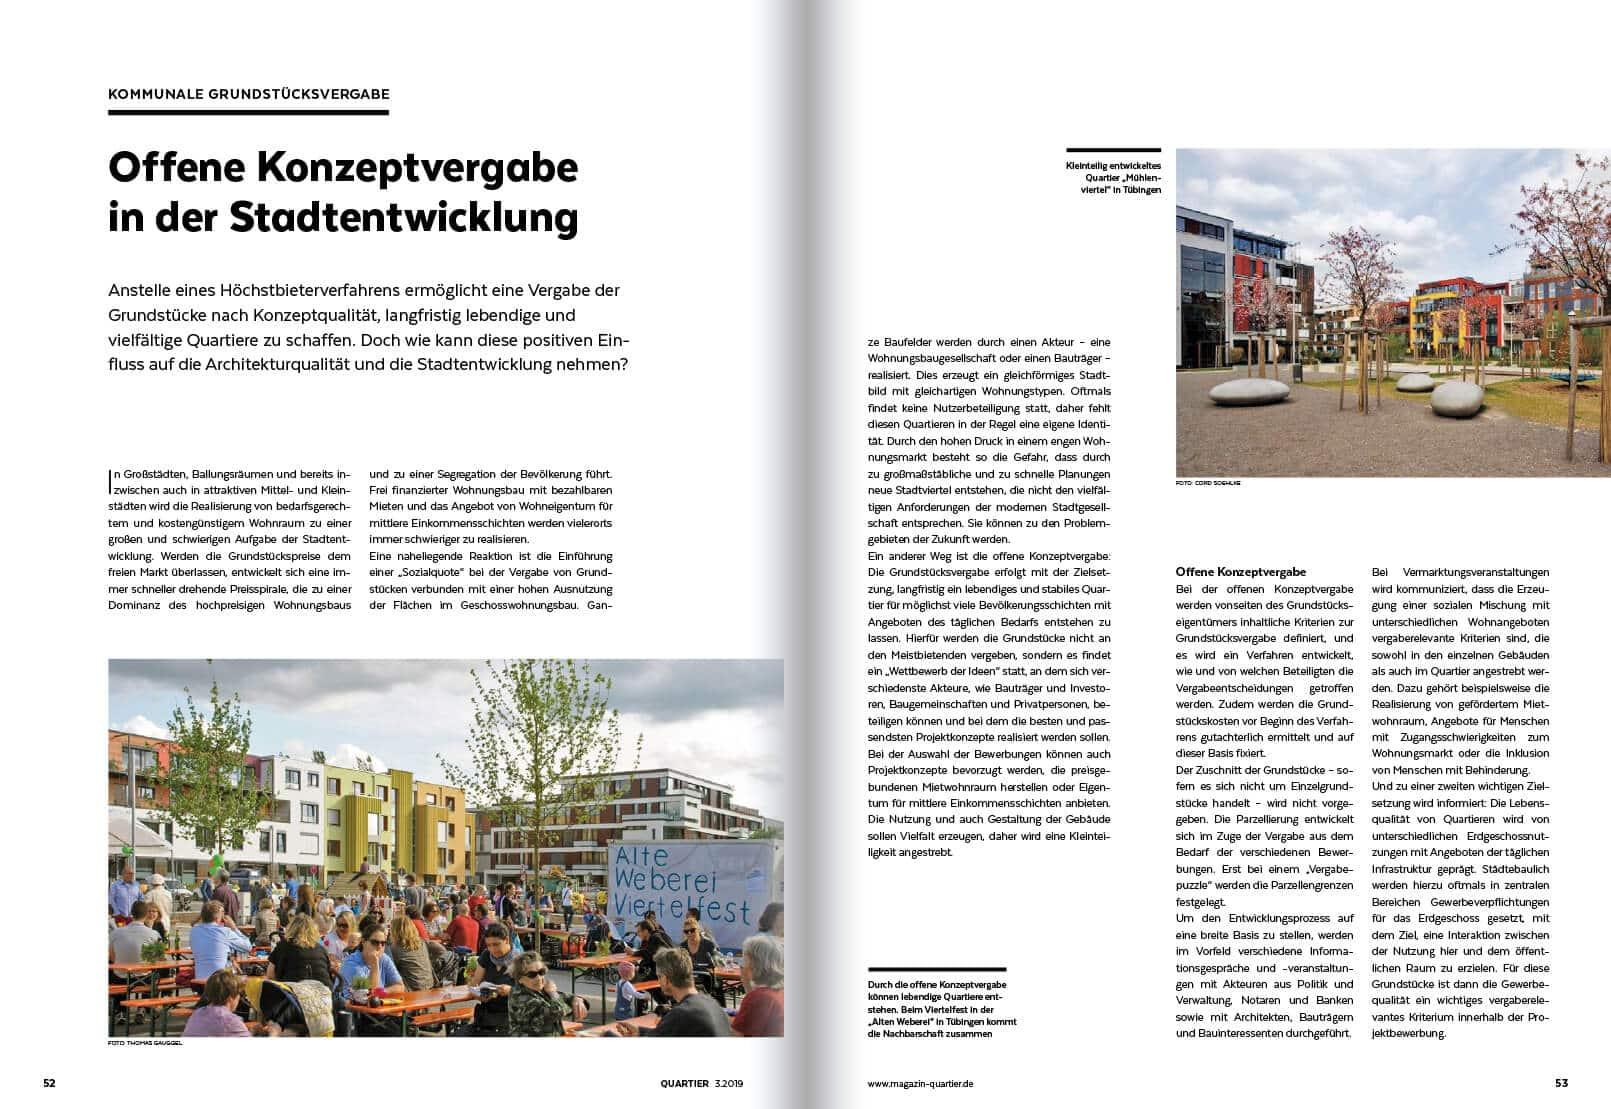 2019-08 Offene Konzeptvergabe in der Stadtentwicklung 1